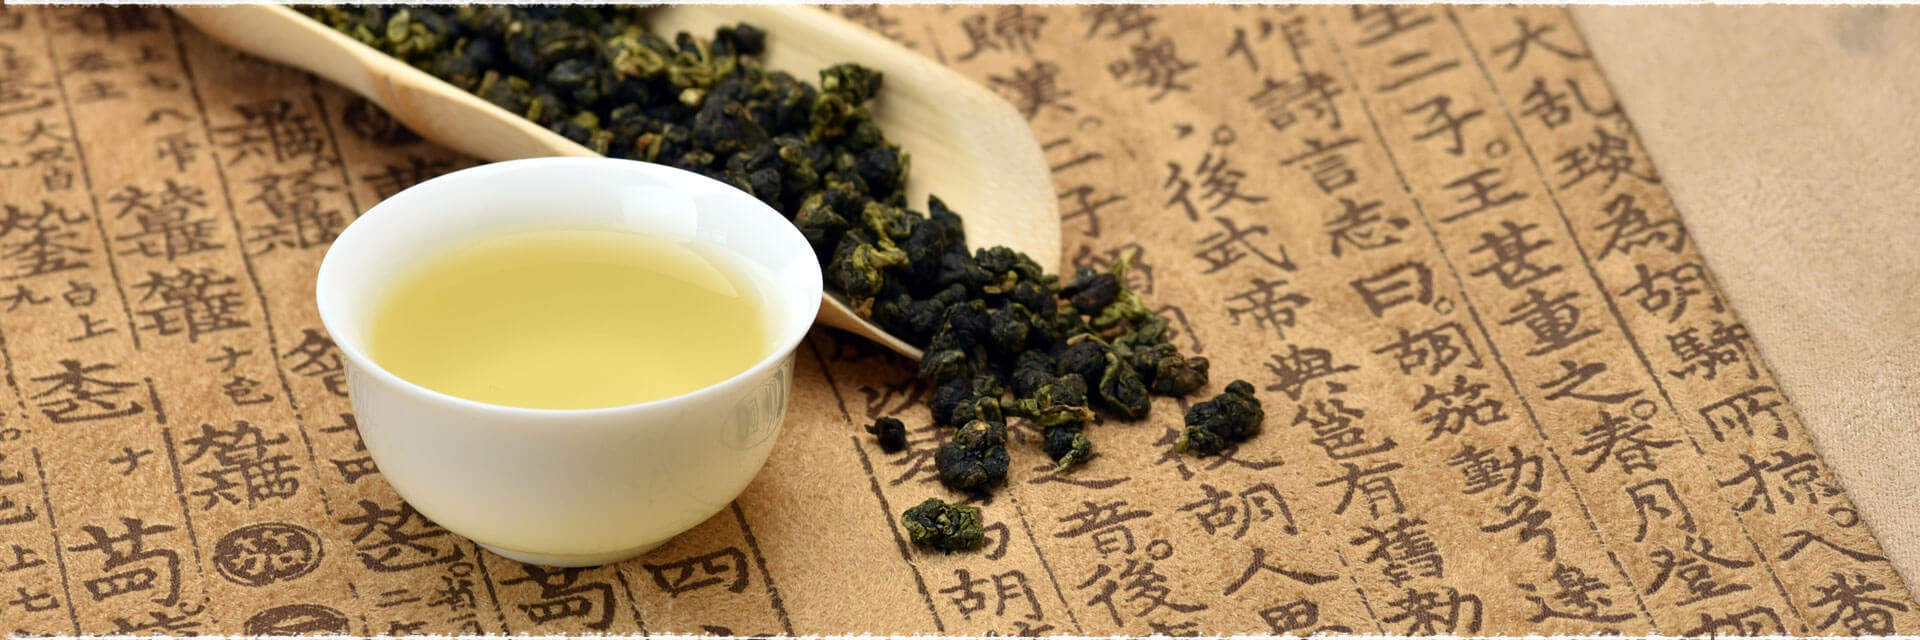 Oolong Çayının Faydaları ve Oolong Çayı Tarifi